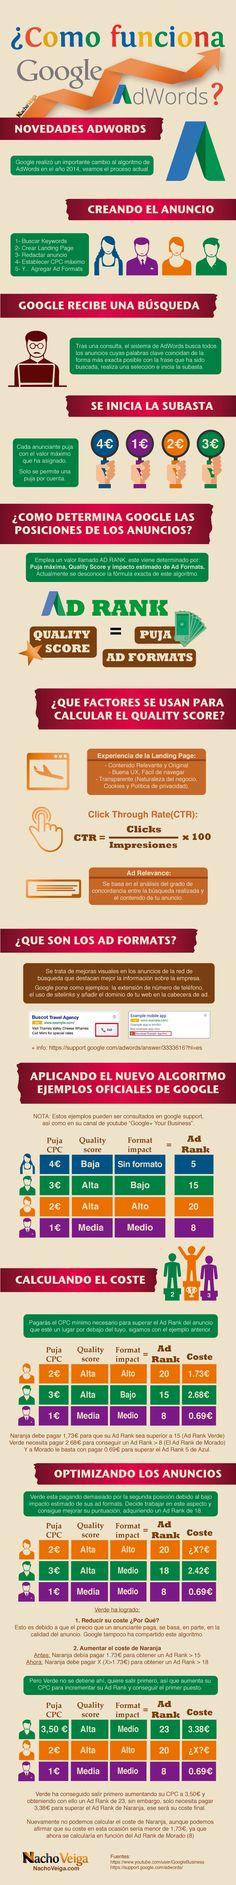 Cómo funciona Google Adwords Infografia en español. #CommunityManager